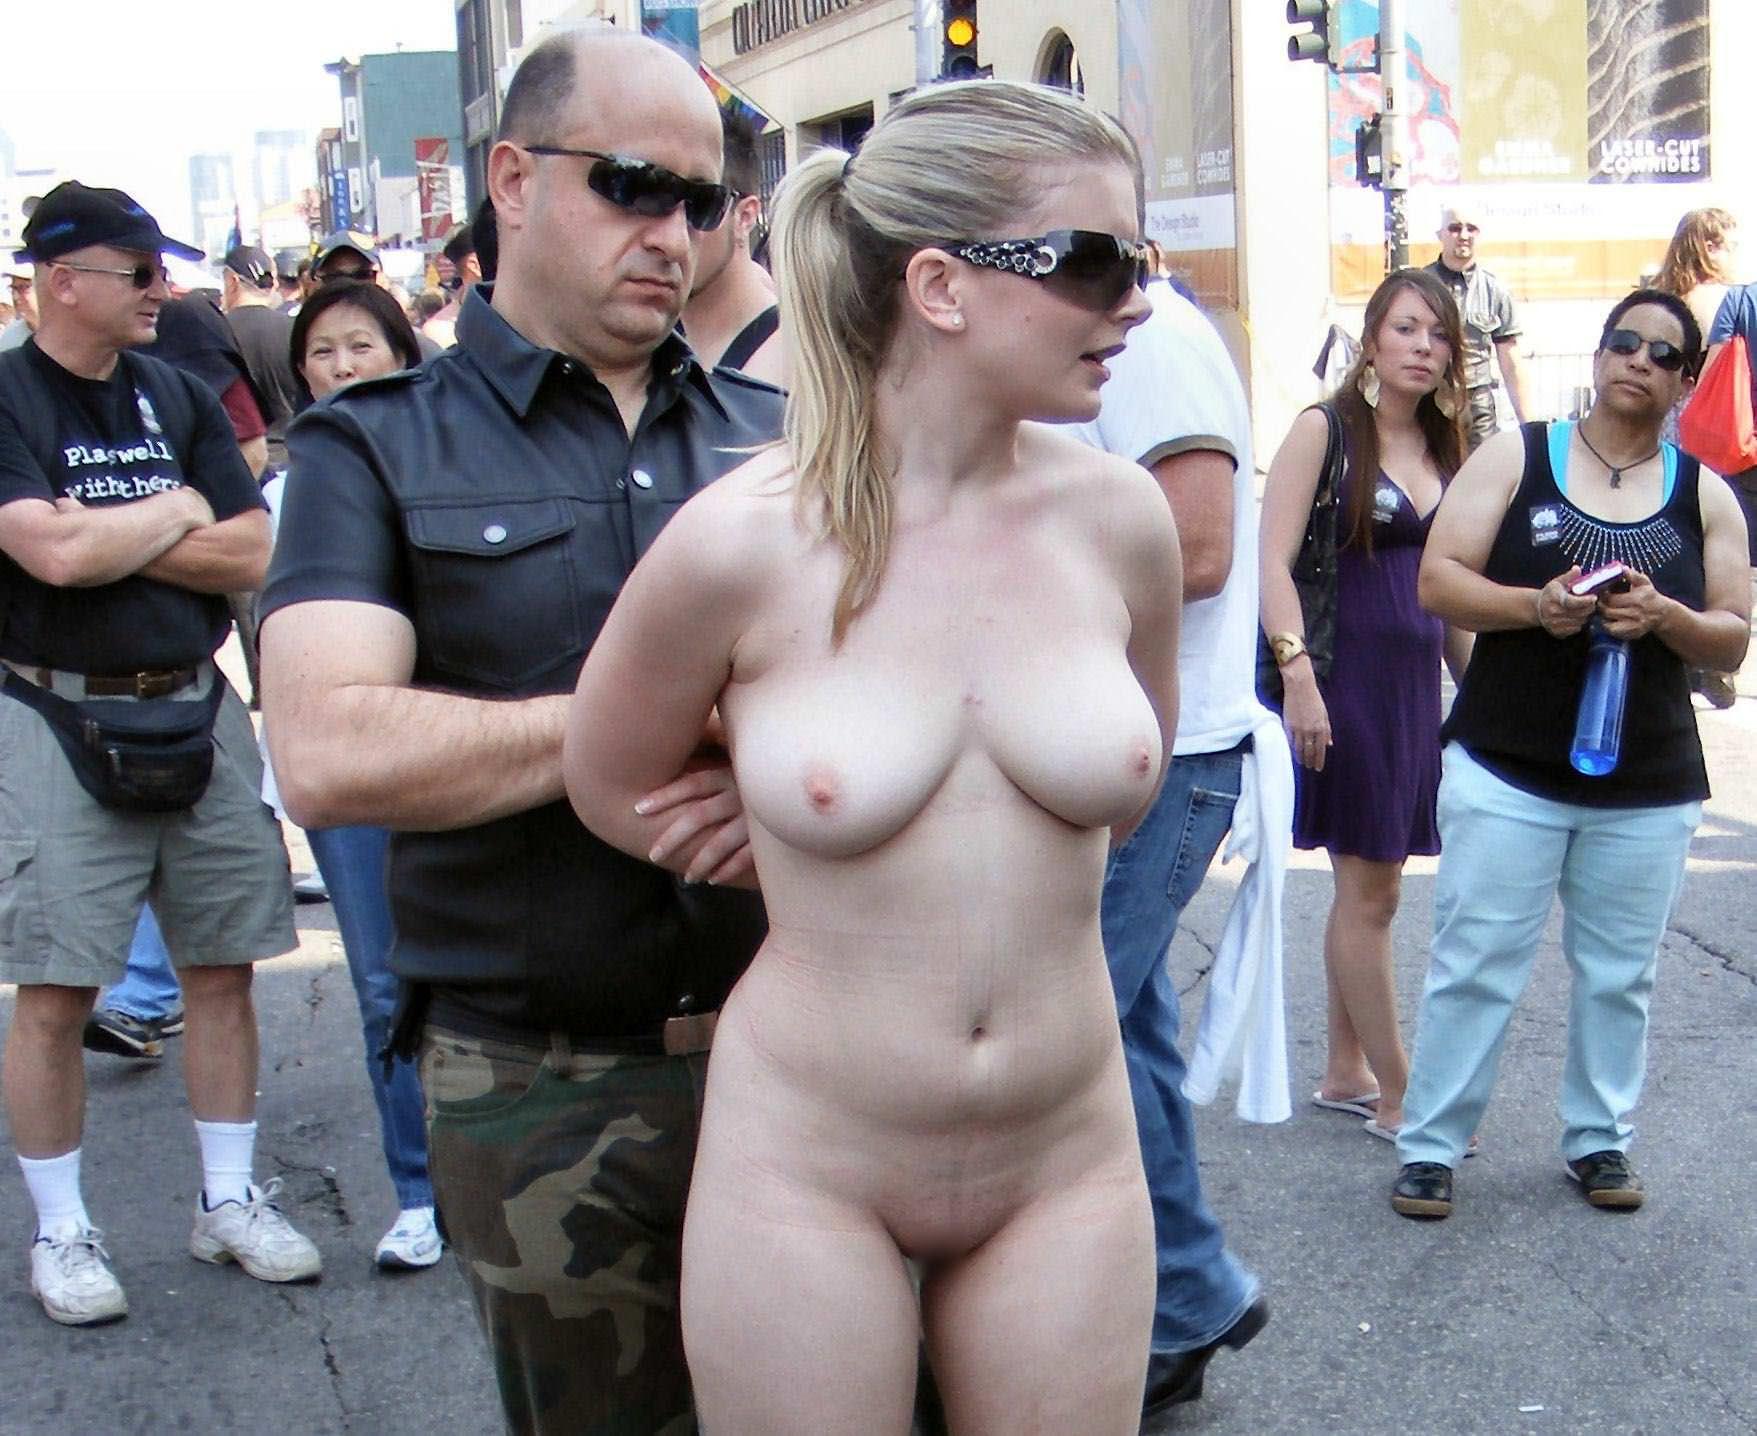 【外人】みんな当たり前のように裸で外をうろつく露出お祭りのポルノ画像 3643